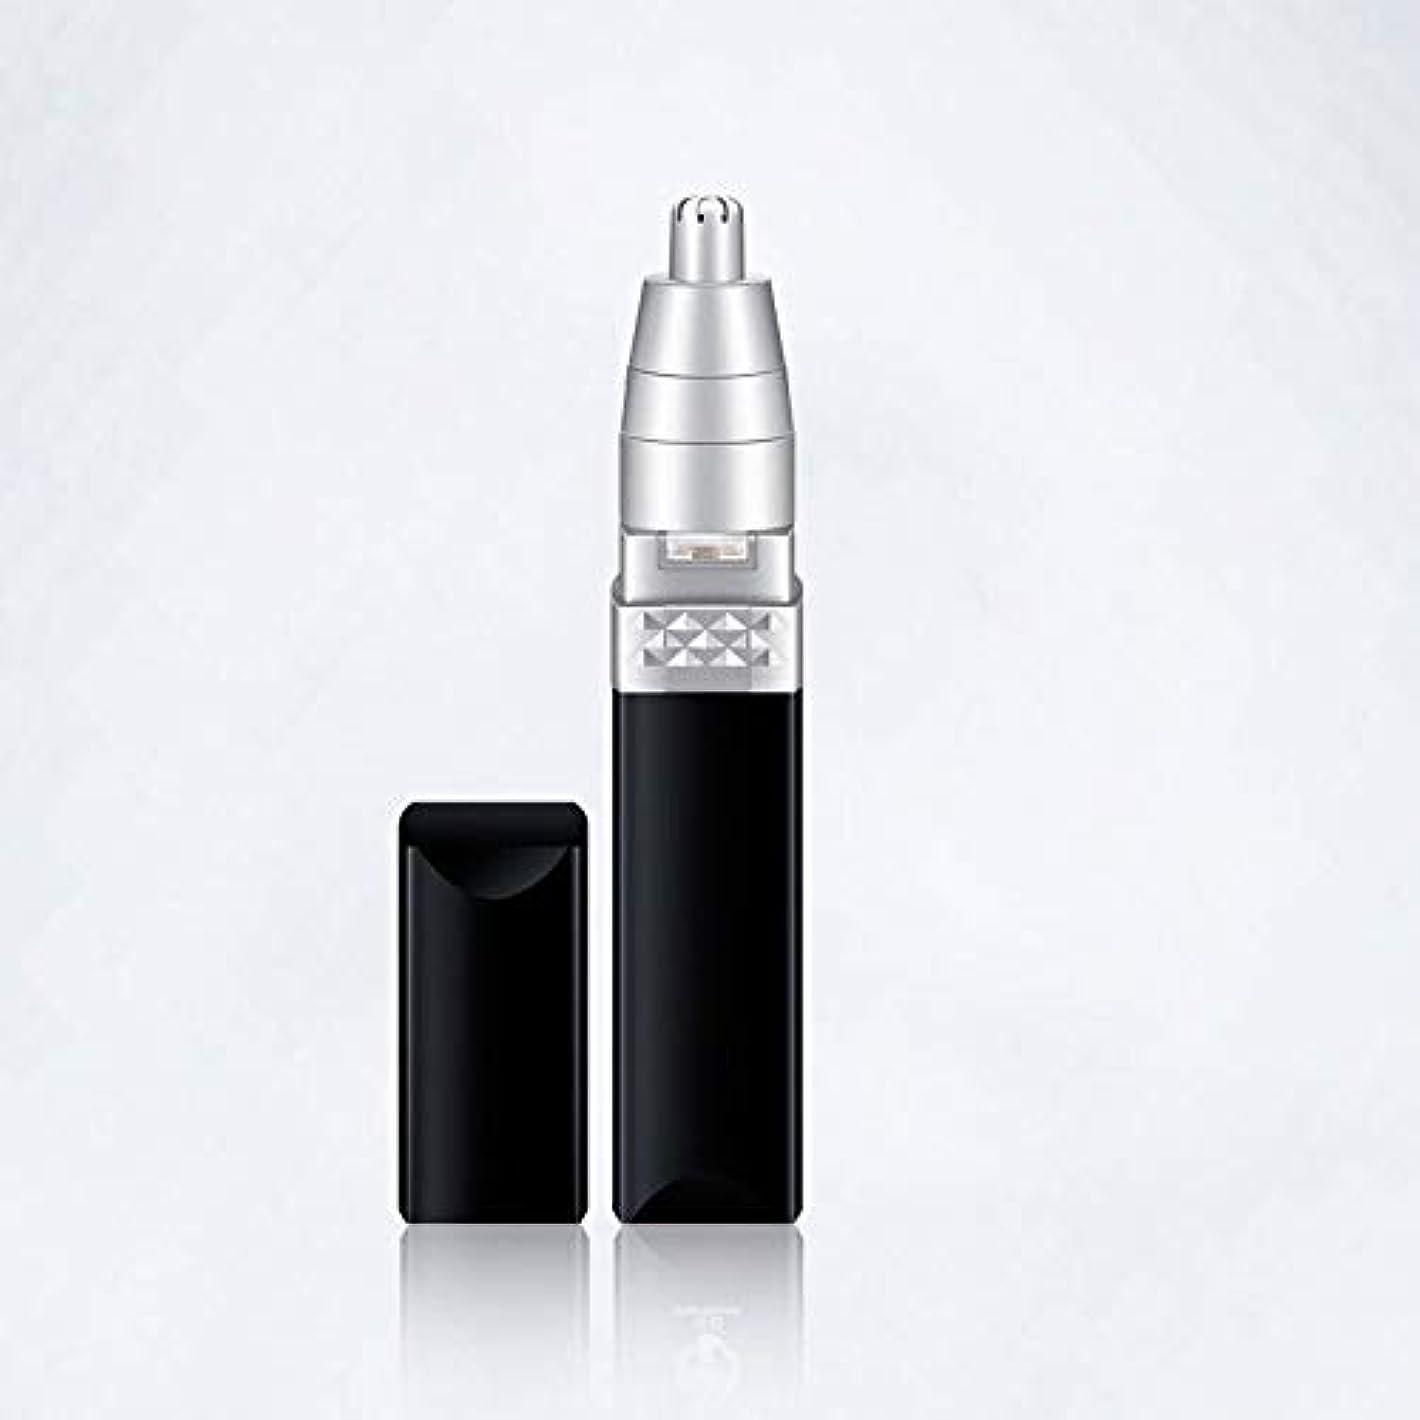 太字花弁繊細ノーズヘアトリマー-電気トリムヘッドは持ち運びが簡単で、/皮膚を傷つけません/赤外線デザインコンパクトで軽量な隠しスイッチ/持ち運びが簡単な取り外し可能なボディ/ 24 * 26 * 107CM ユニークで斬新